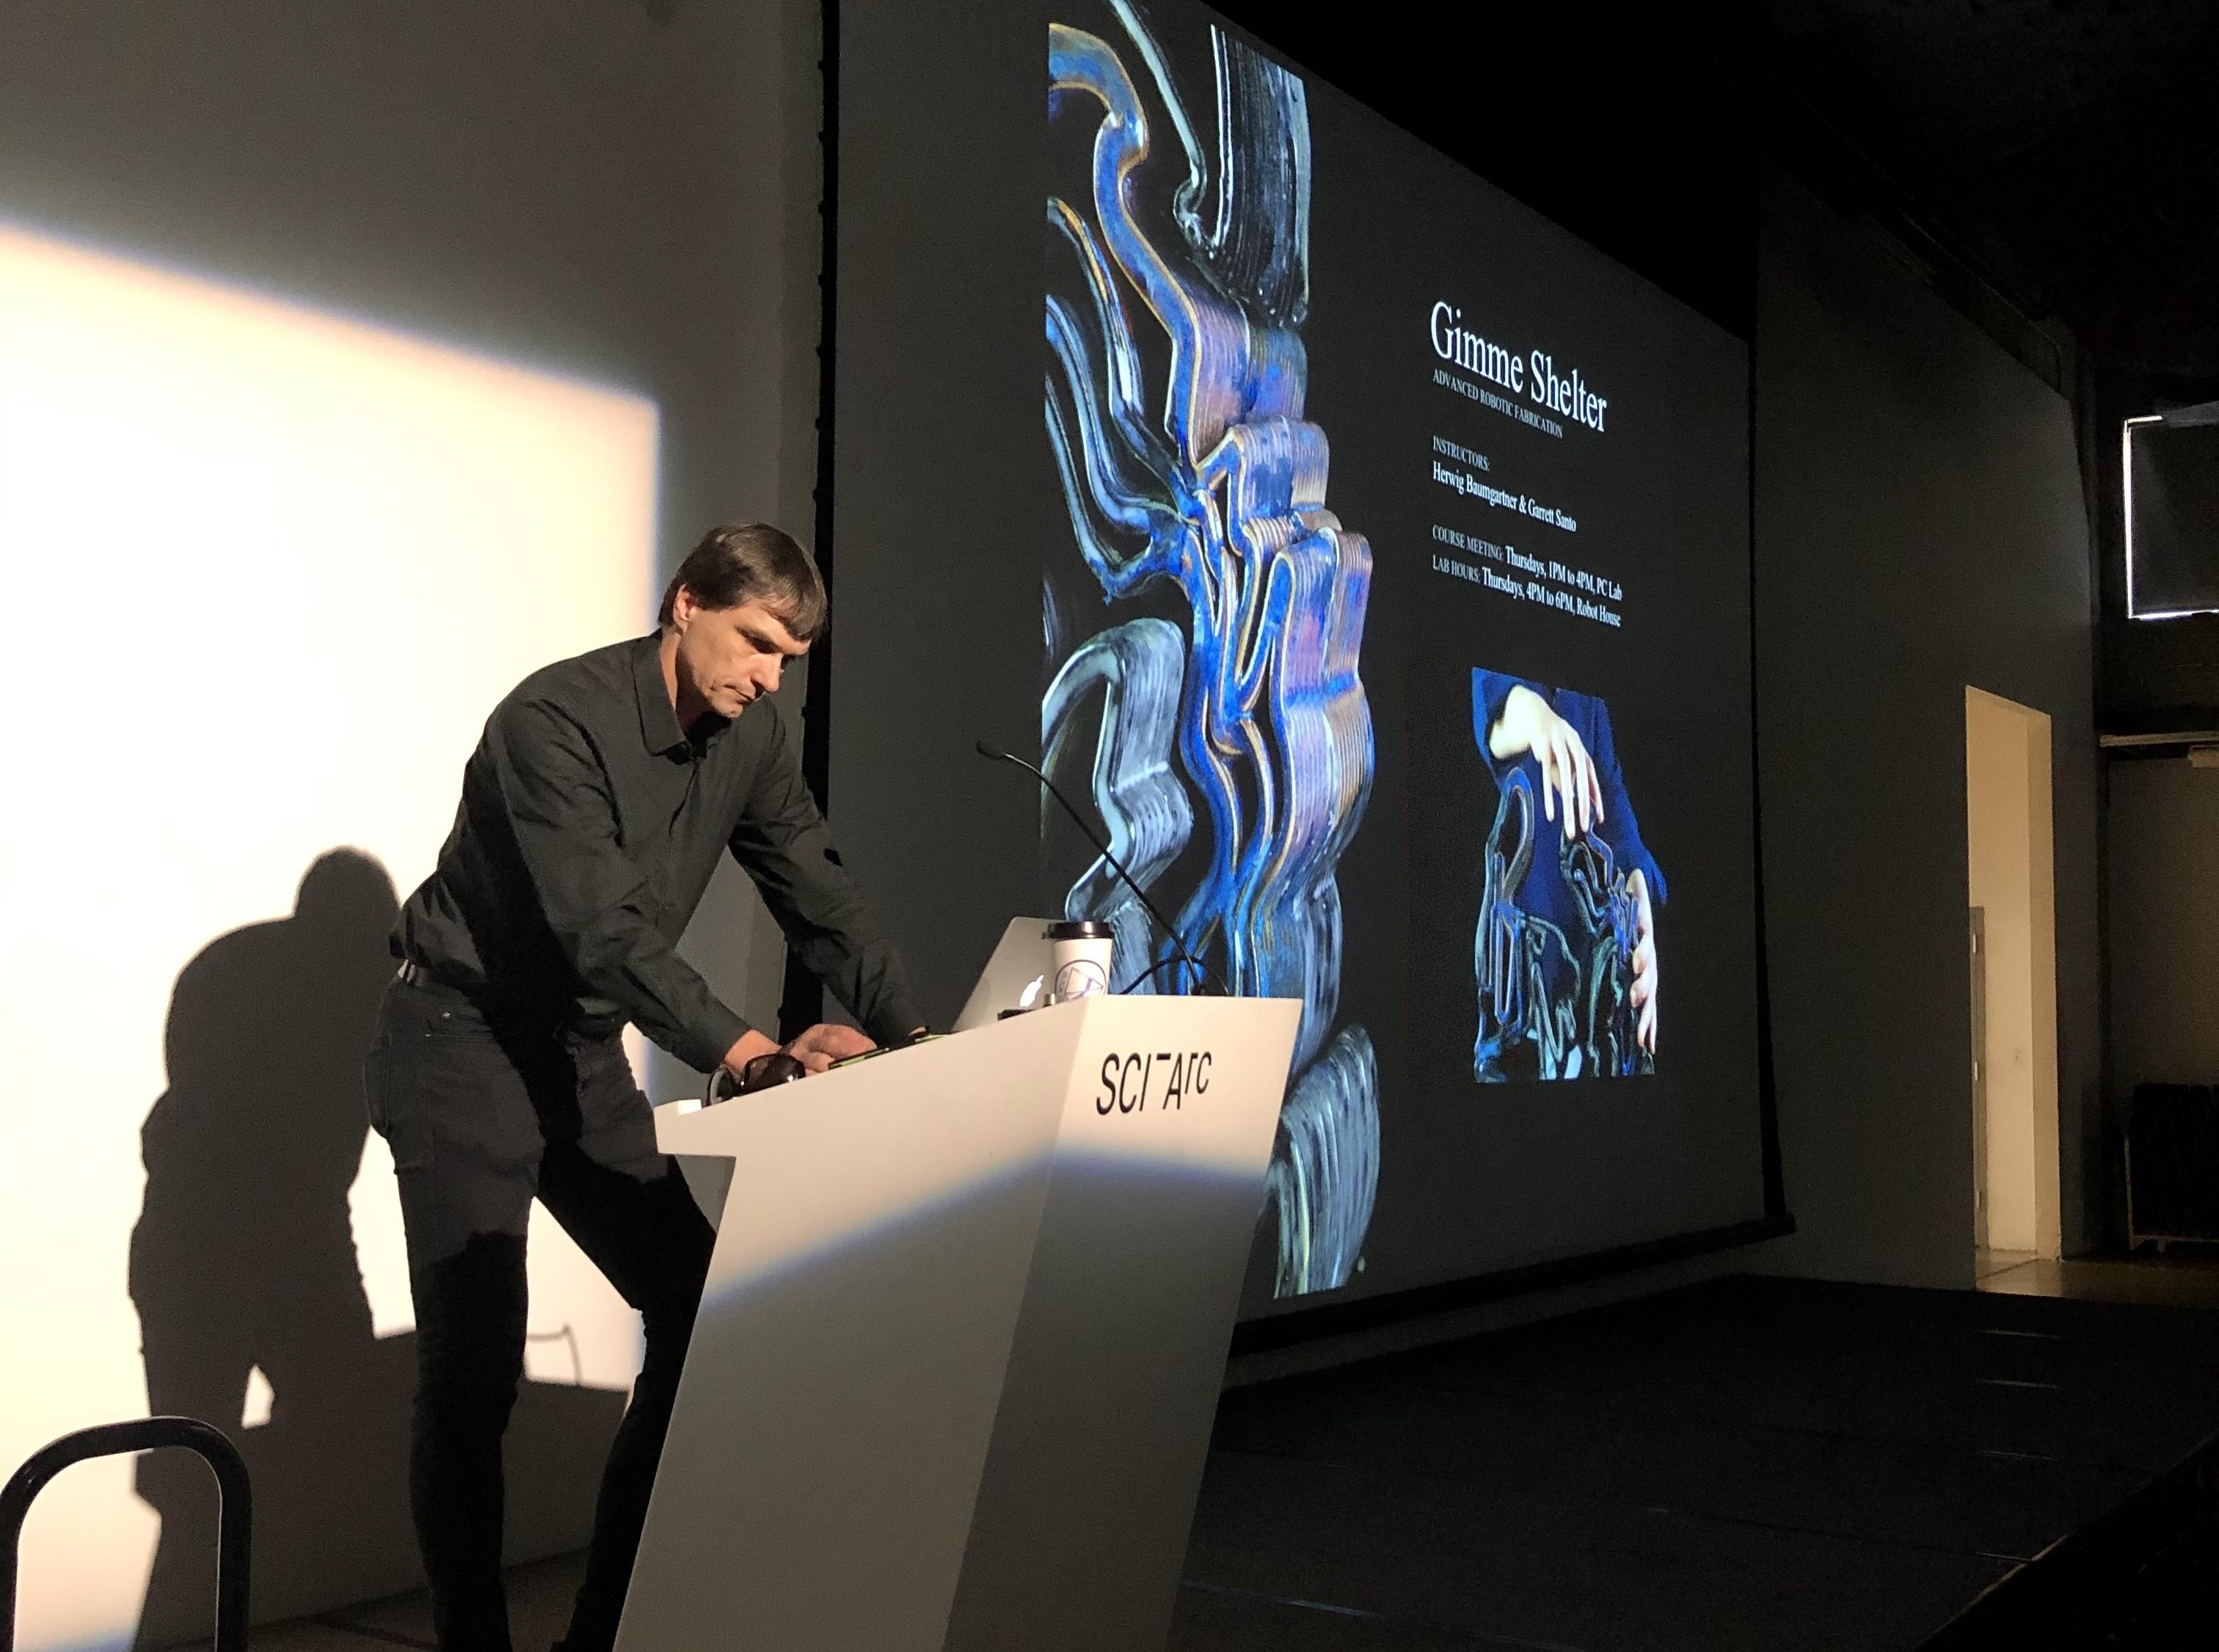 Herwig Baumgartner standing at podium presentation